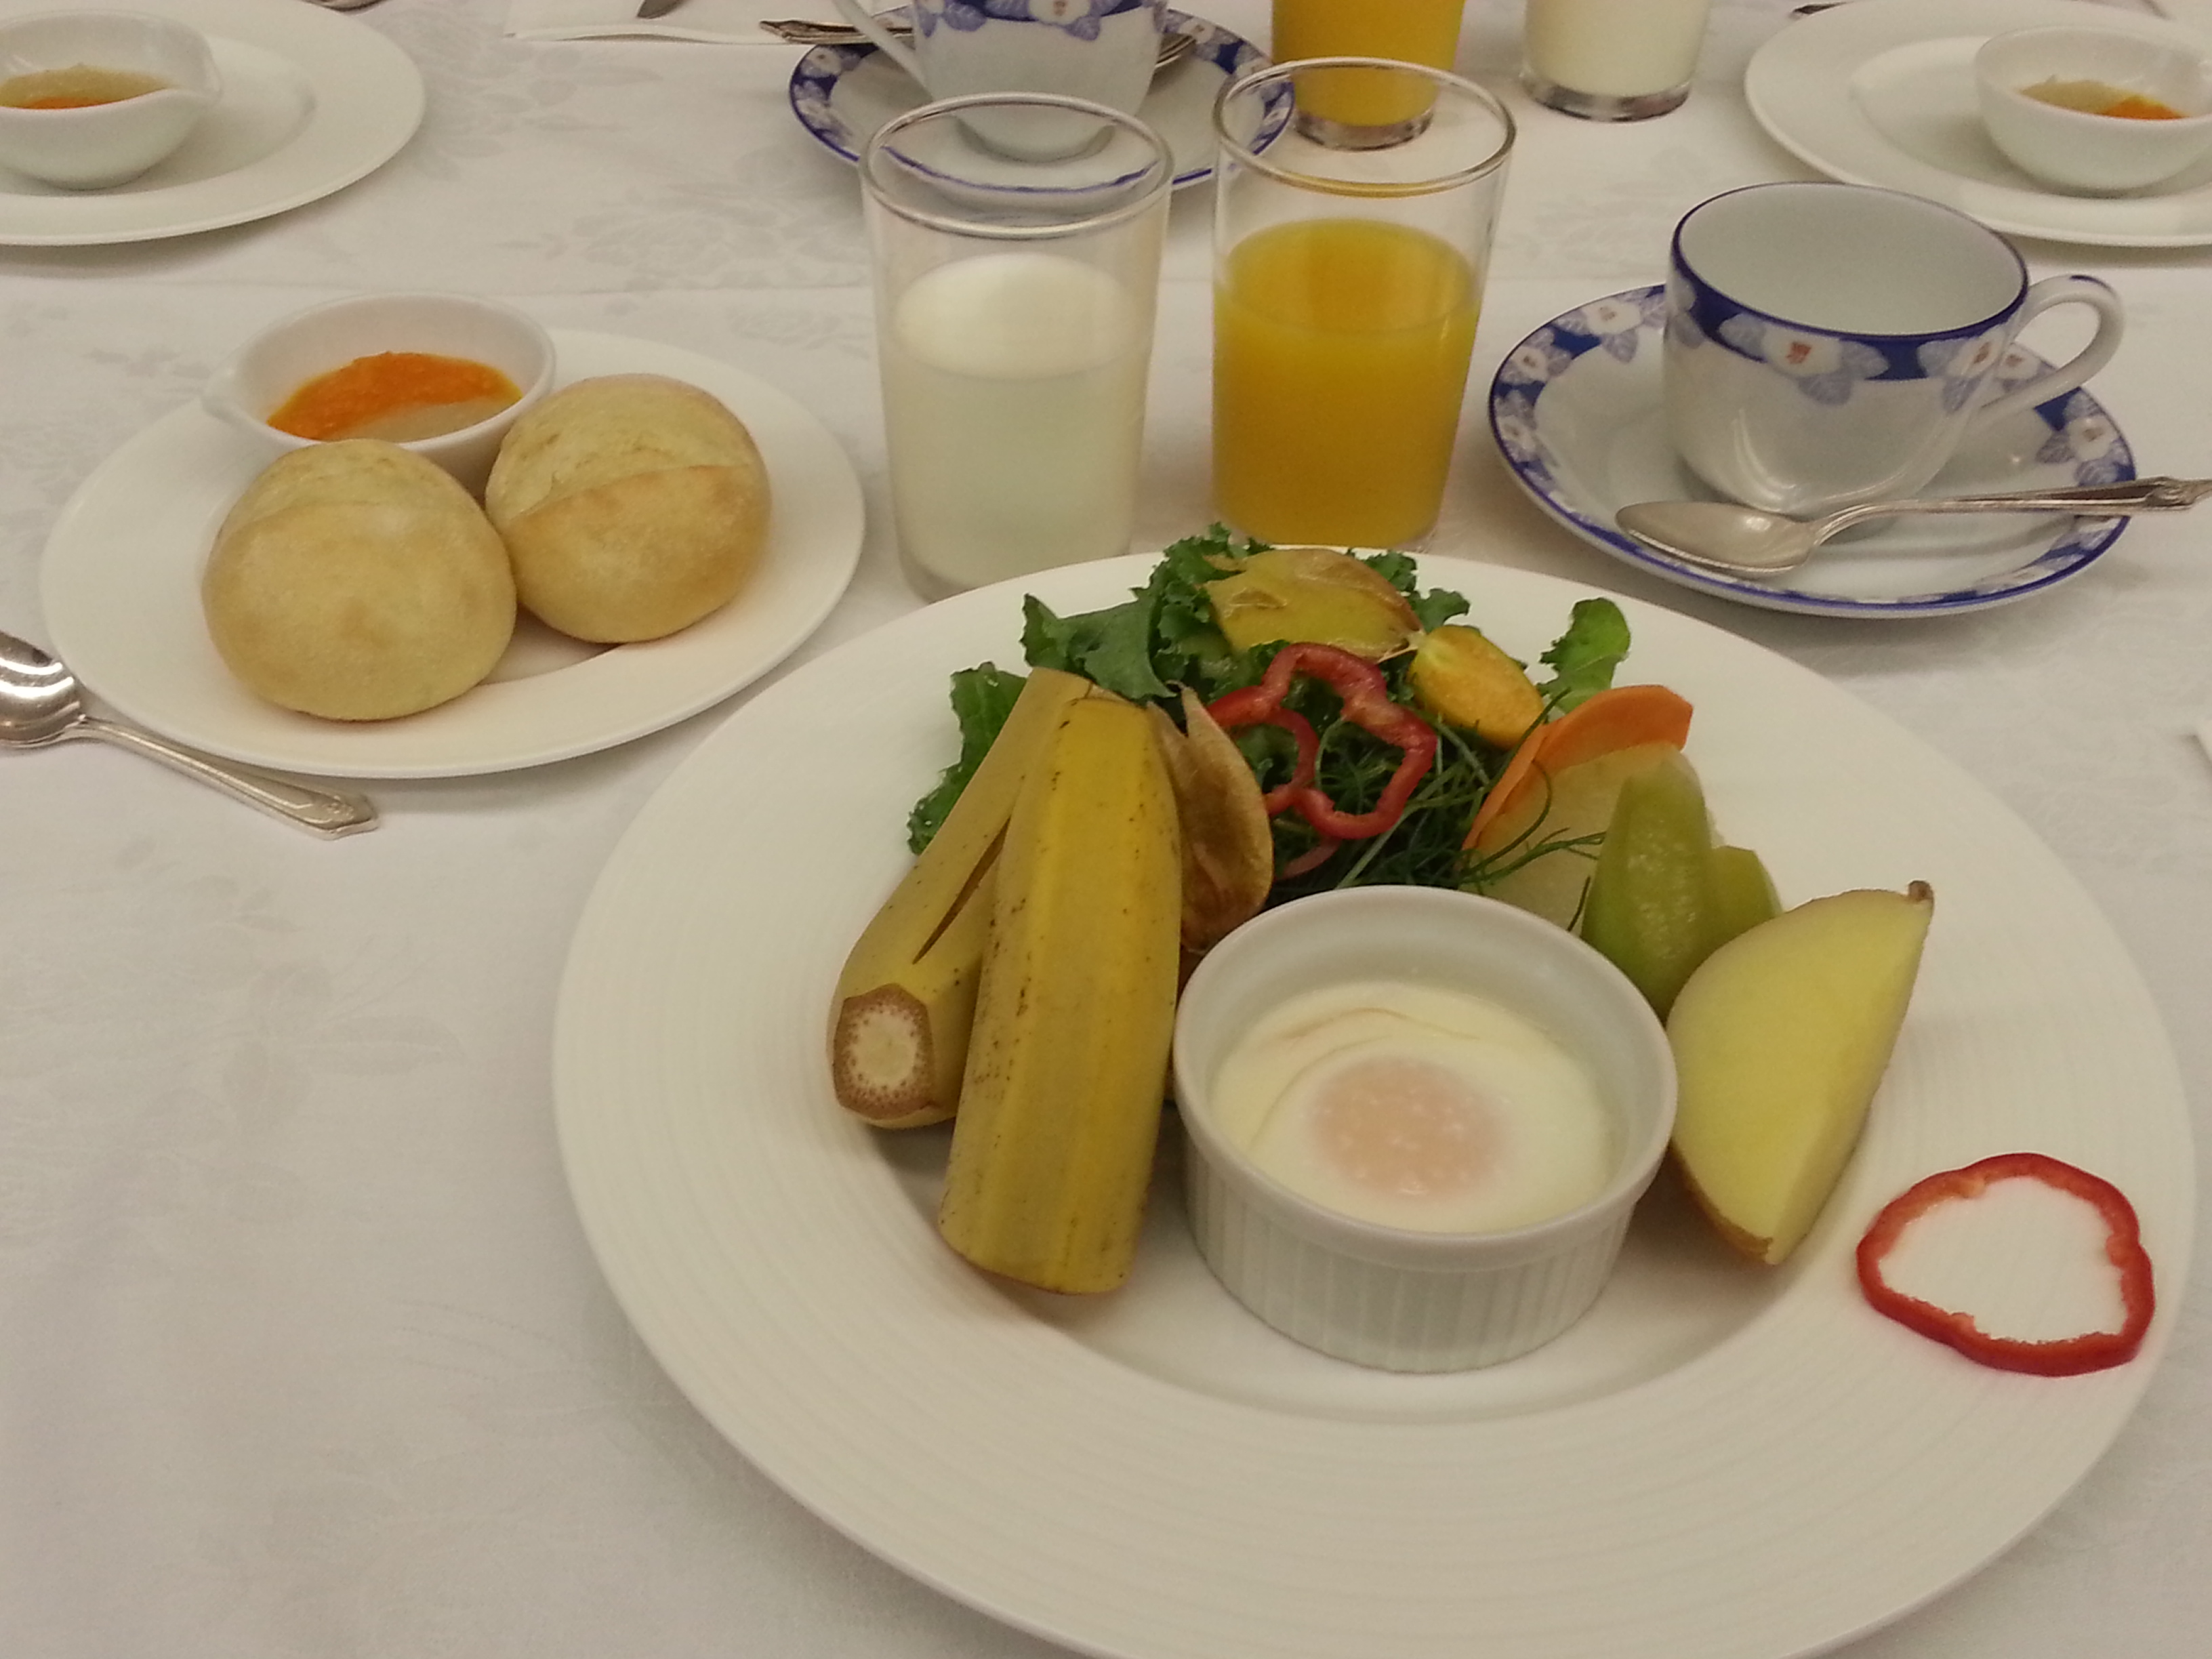 滋賀銀行の大道良夫会長が講演、第5回エシカル朝食会開催